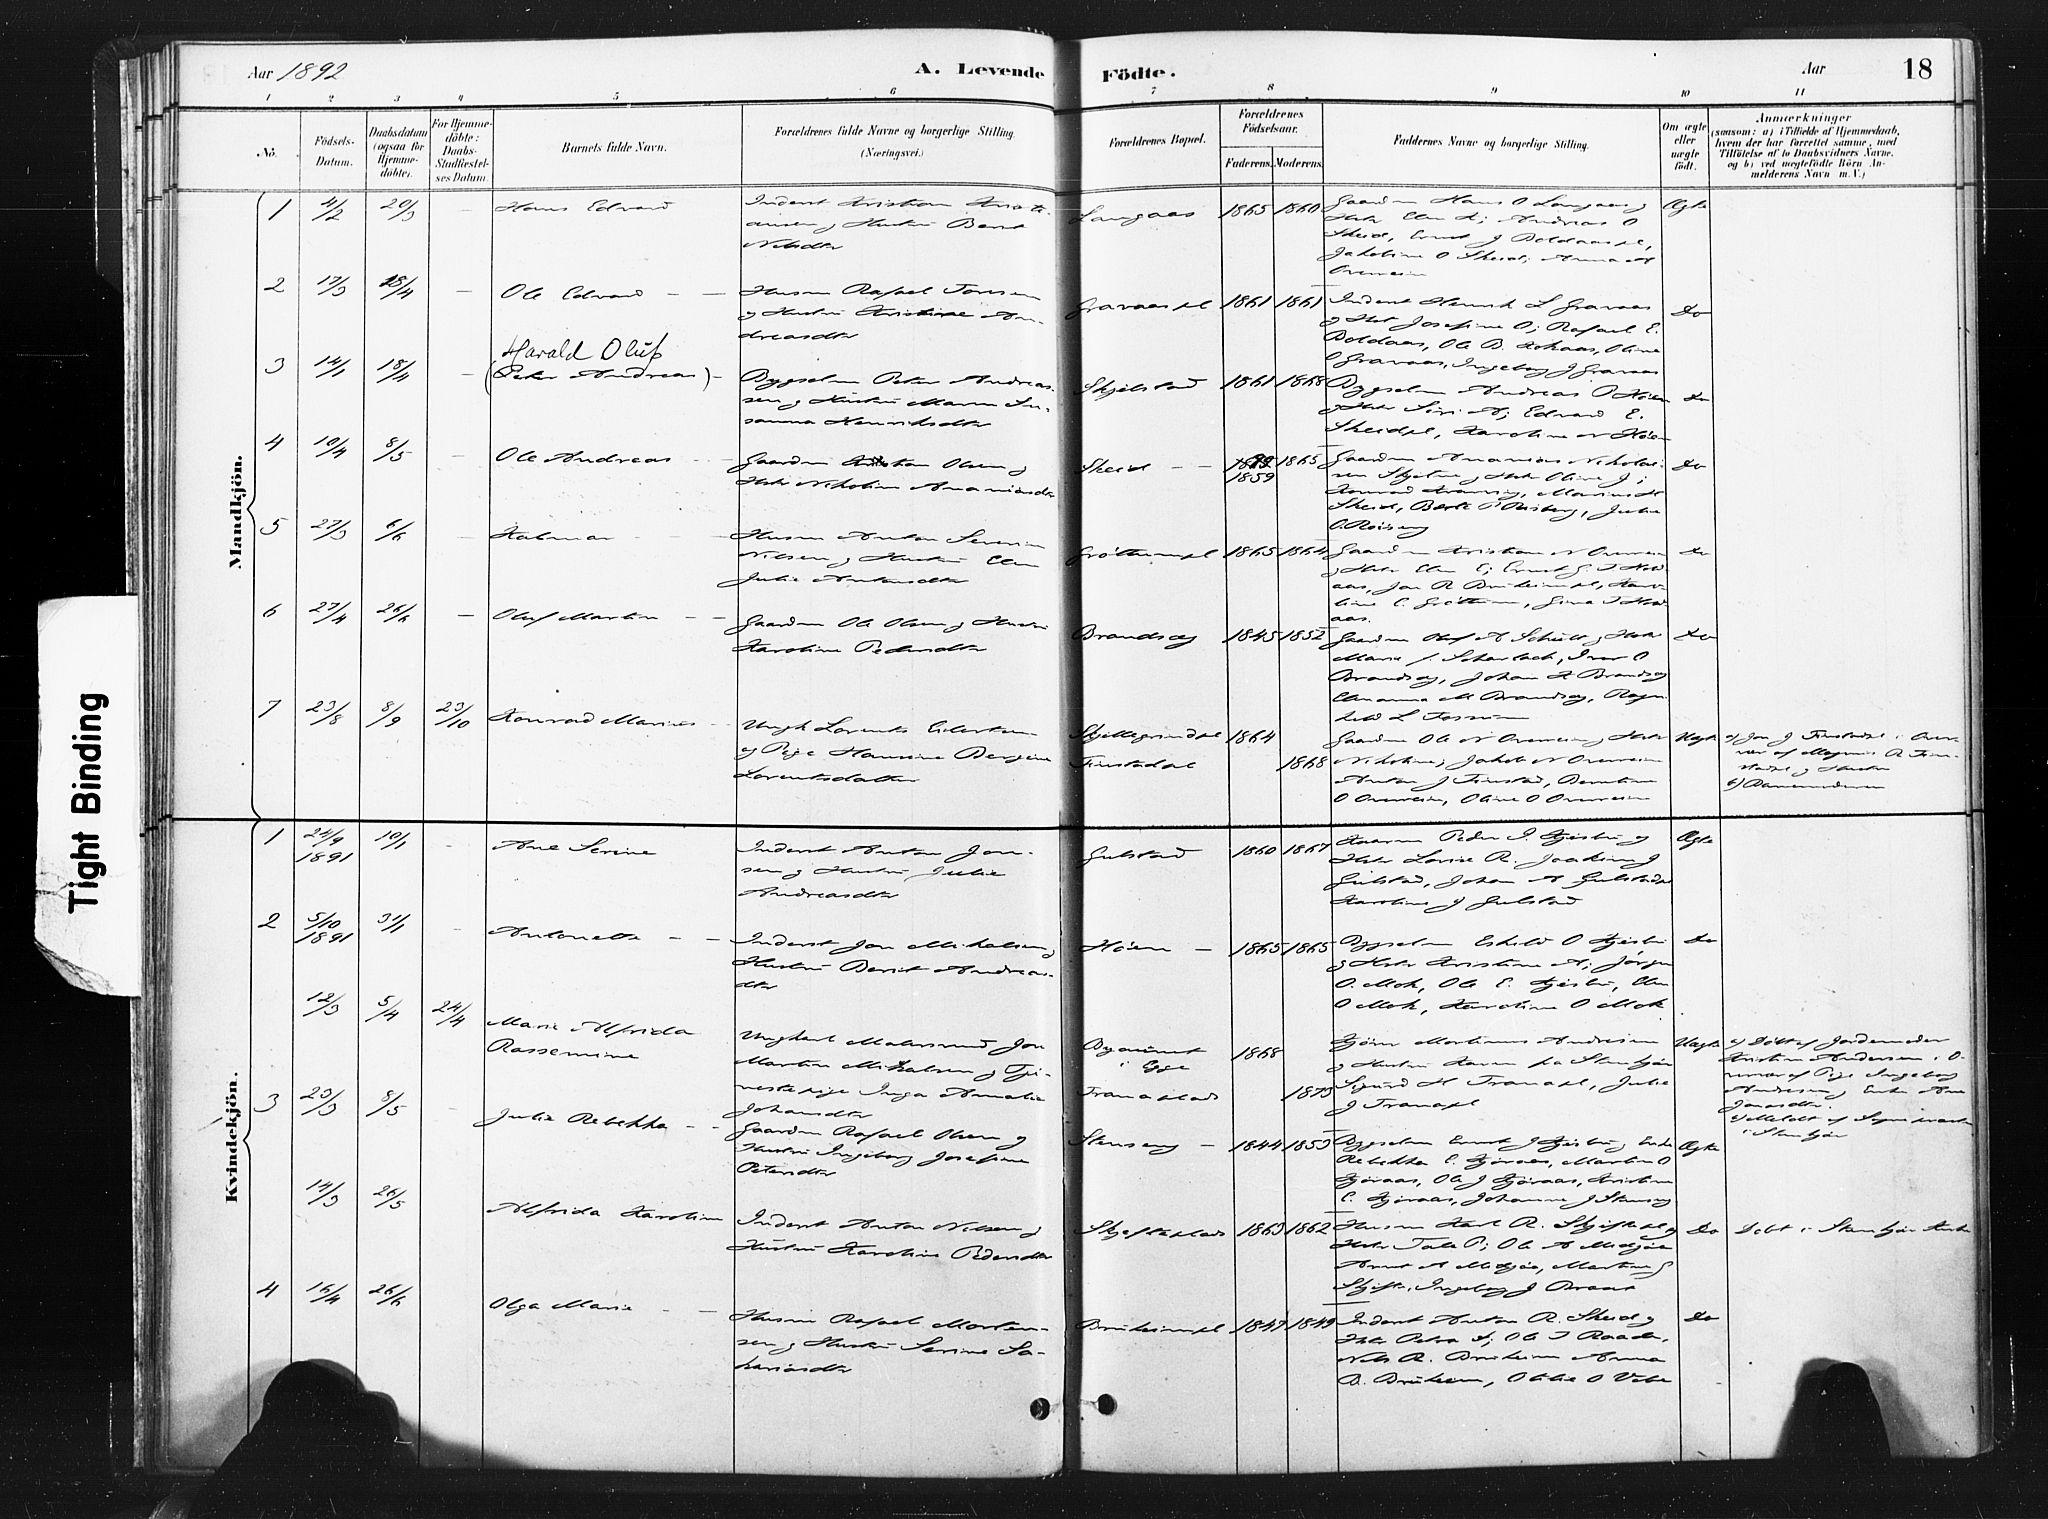 SAT, Ministerialprotokoller, klokkerbøker og fødselsregistre - Nord-Trøndelag, 736/L0361: Ministerialbok nr. 736A01, 1884-1906, s. 18